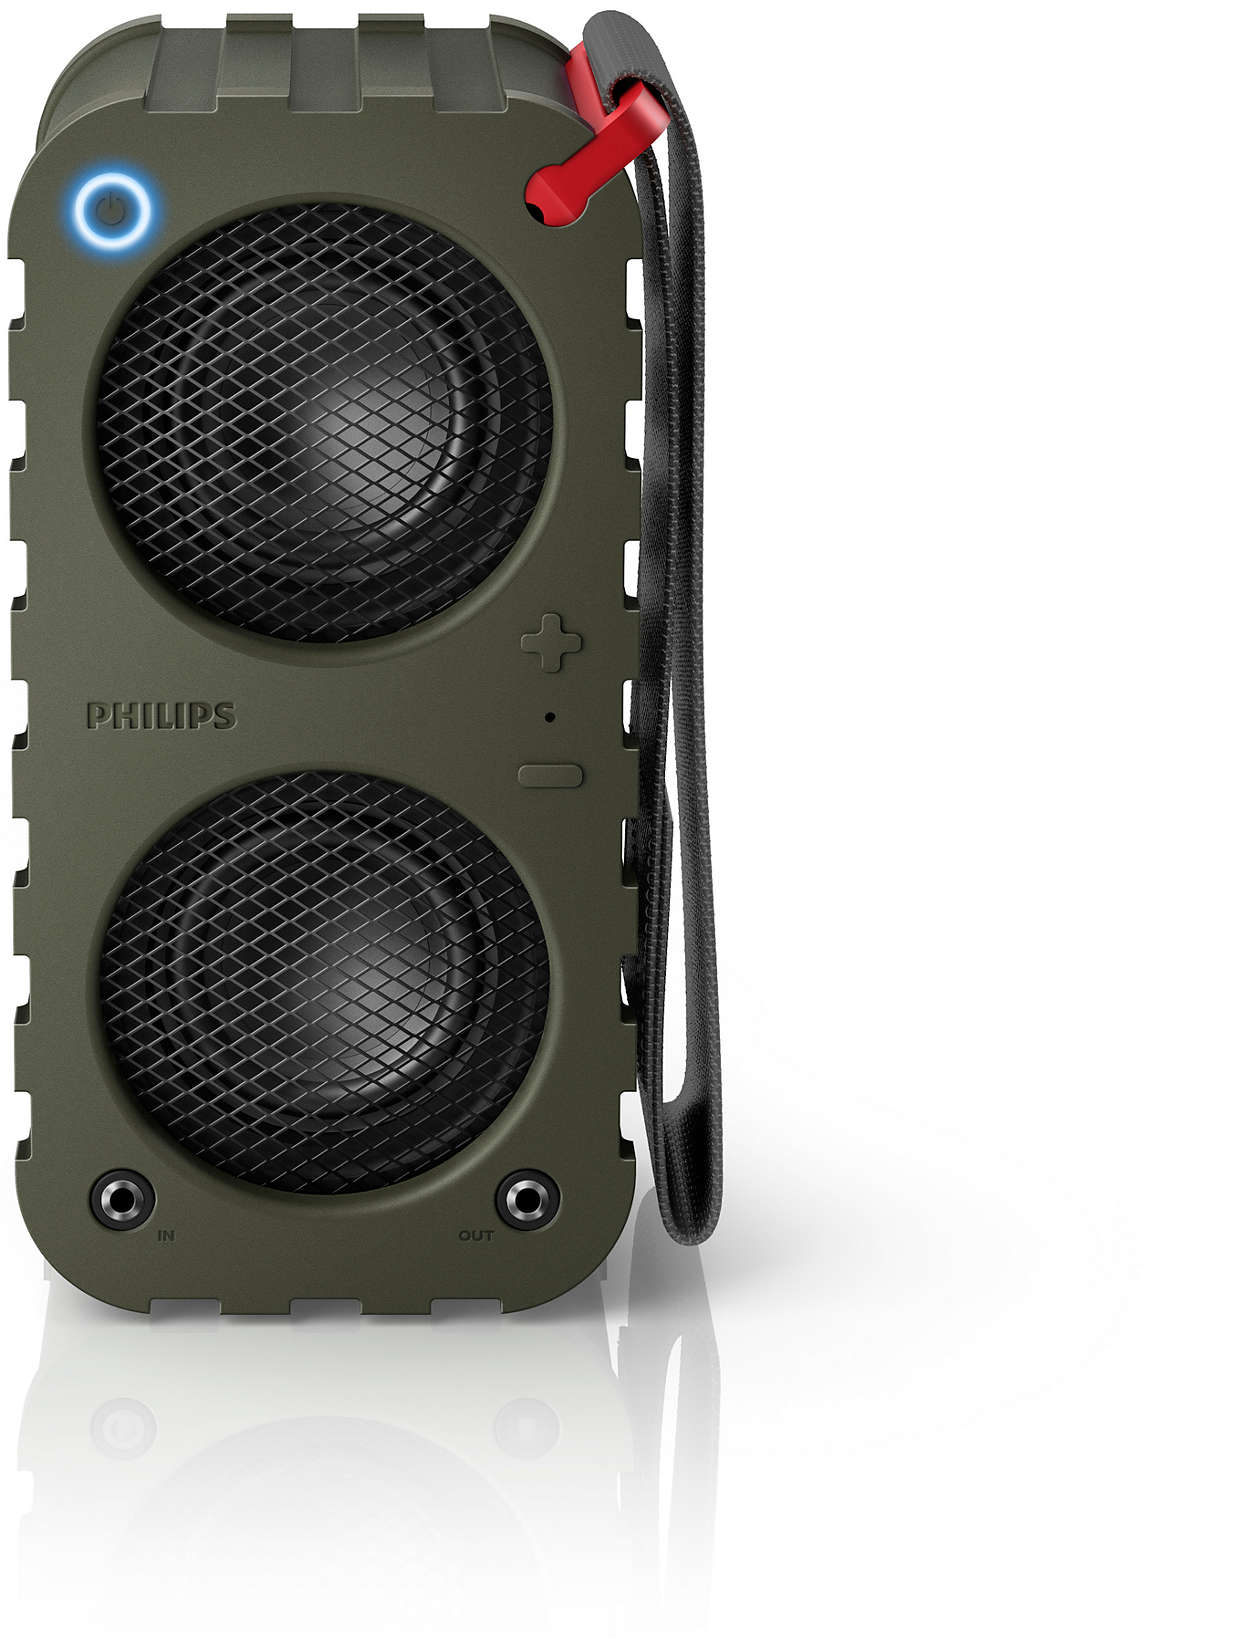 Skvelý zvuk · Odolná konštrukcia · Prepojiteľnosť